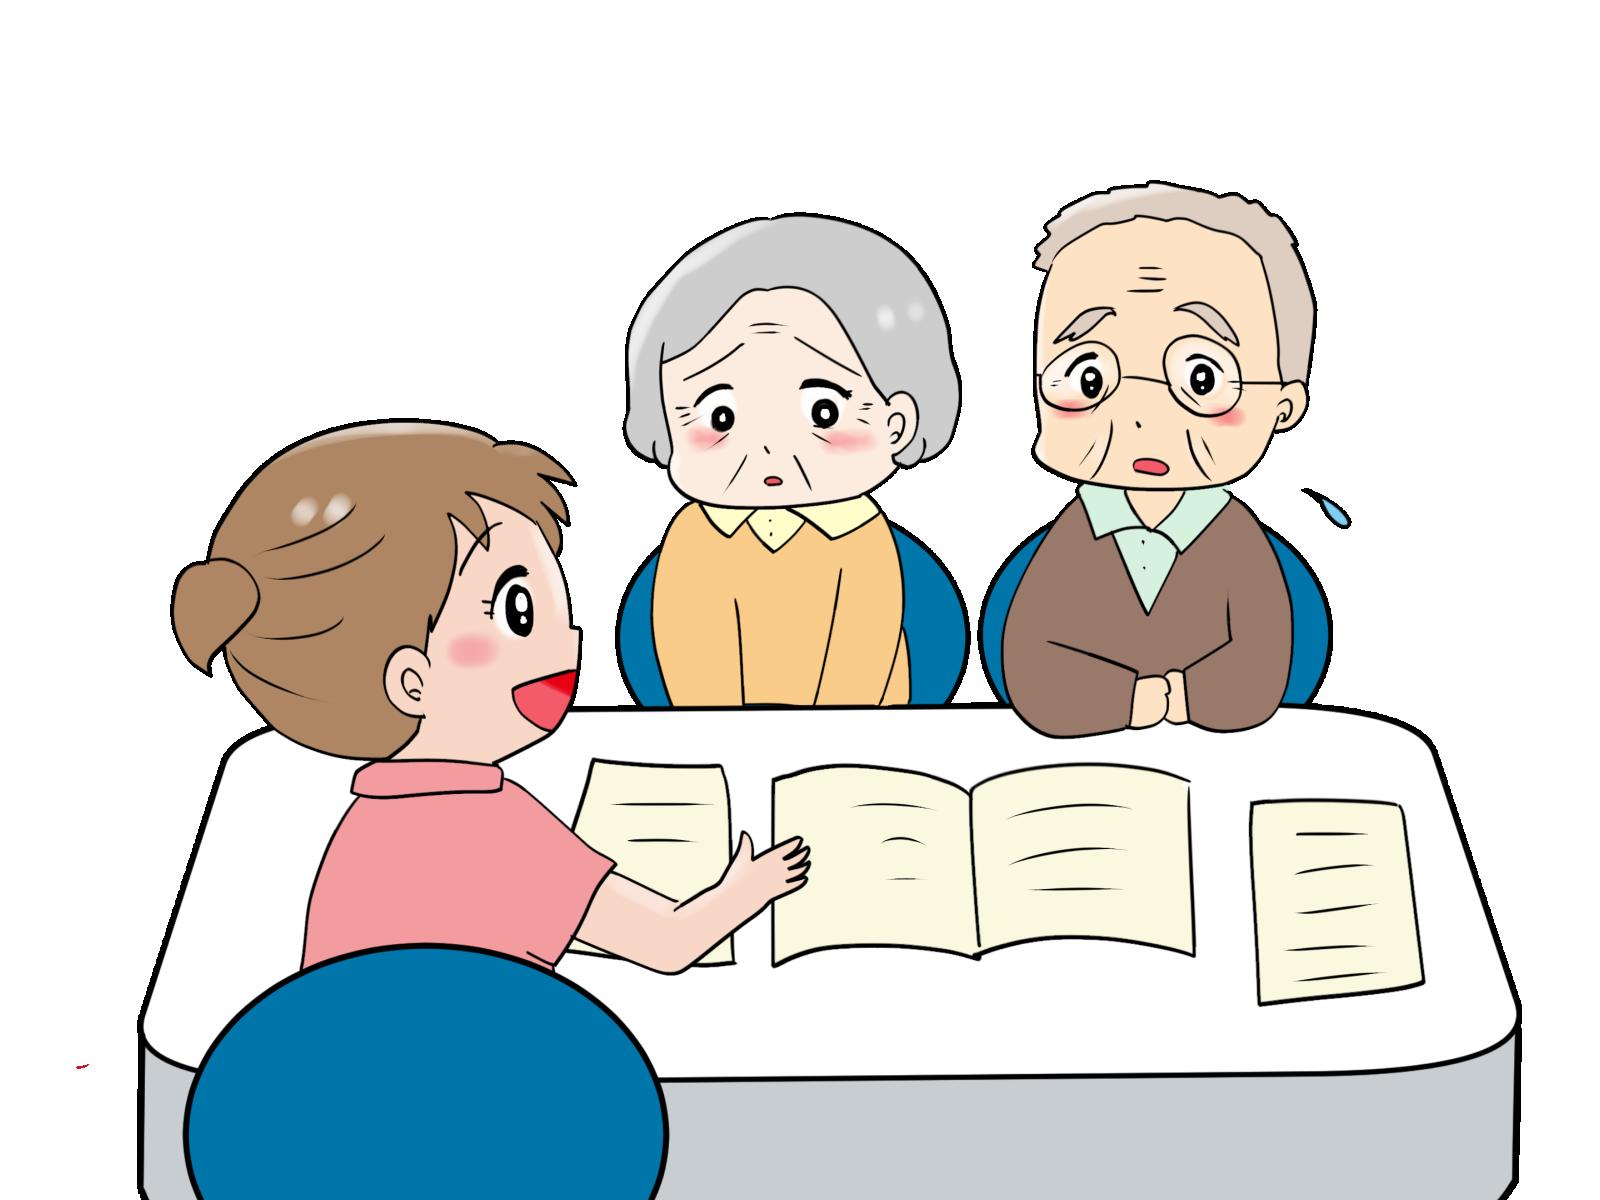 【保存版】デイサービスの生活相談員の仕事内容 業務に役立つ情報まとめ